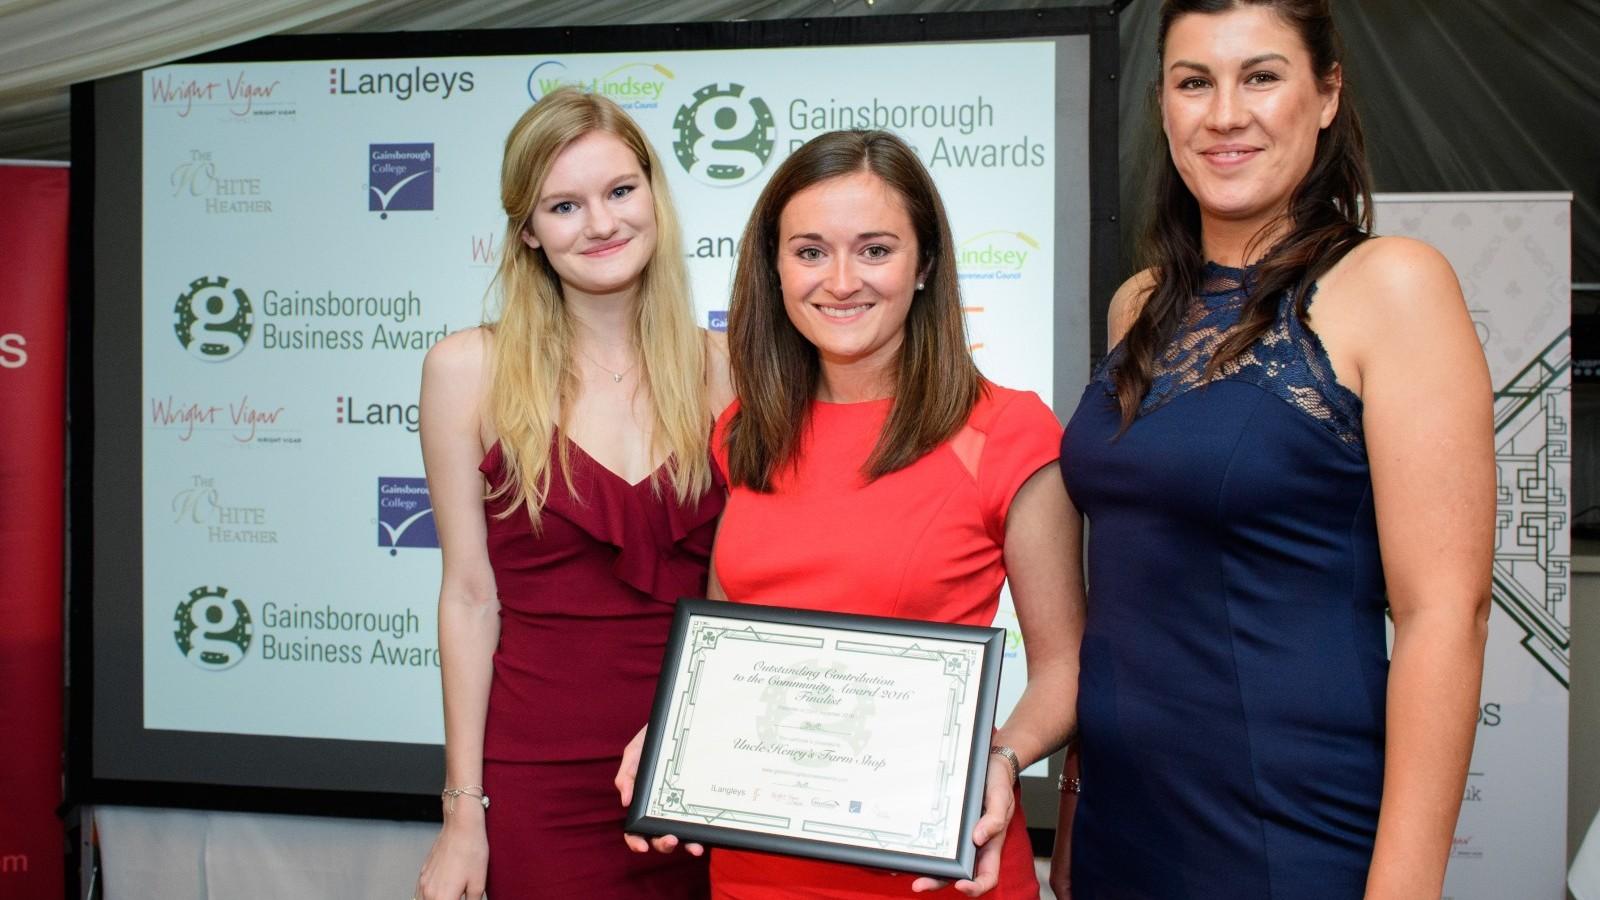 Gainsborough Business awards 2016